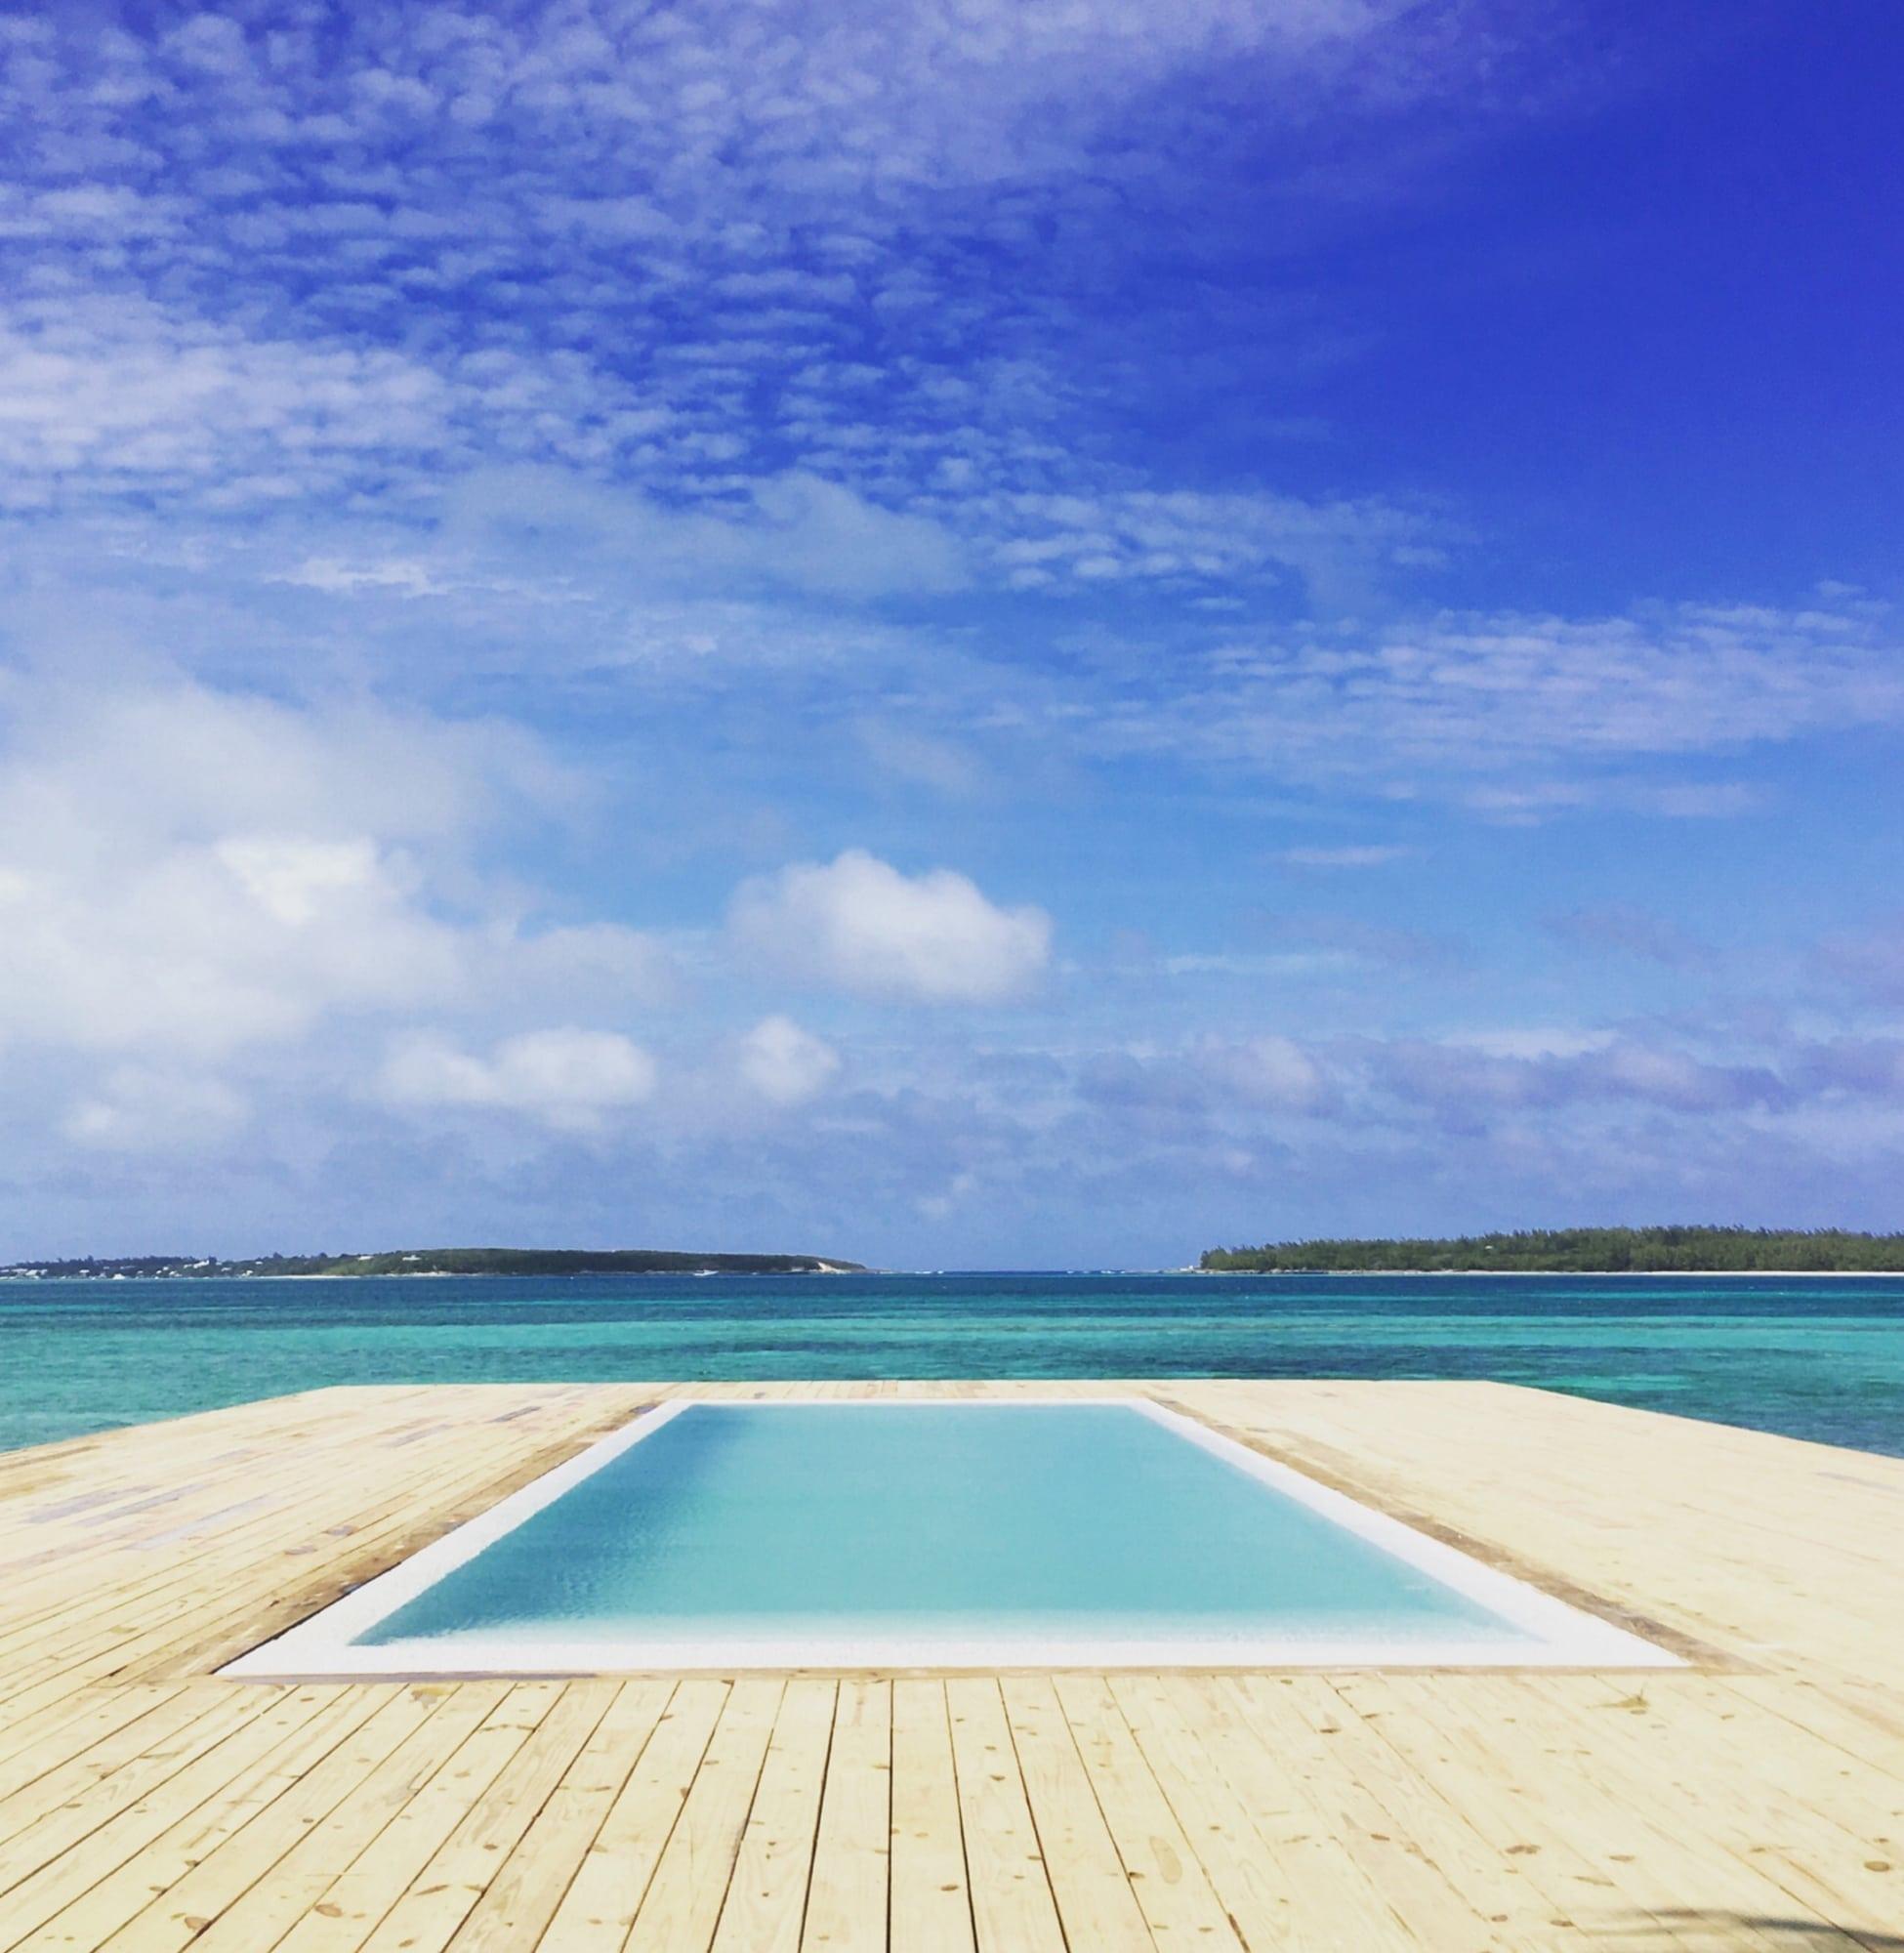 ocean-view-club-pool